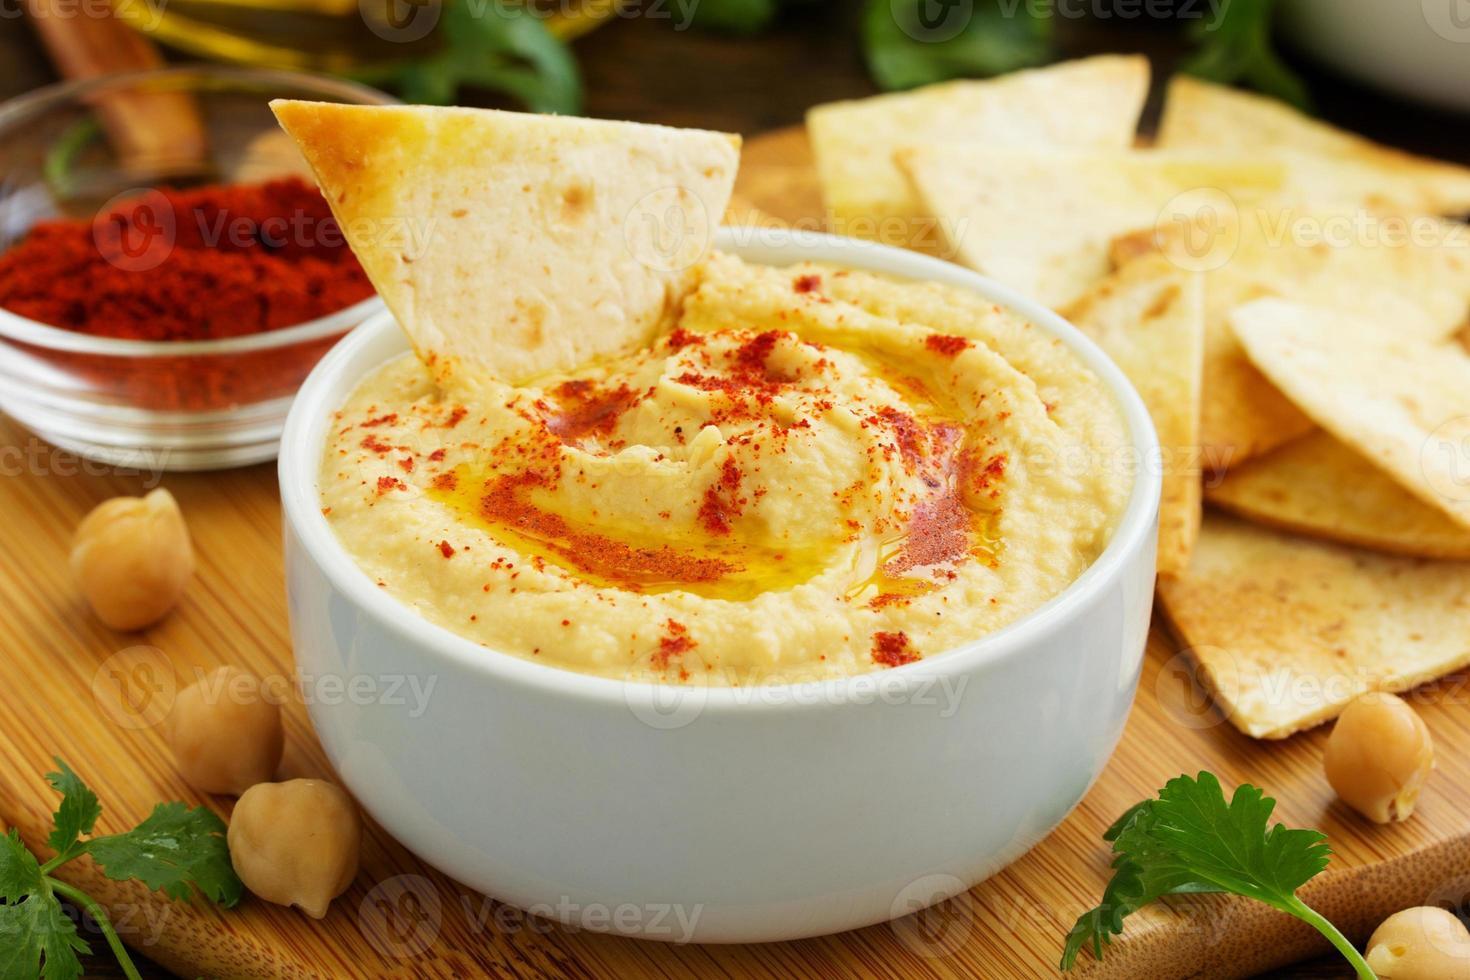 hausgemachter Hummus mit Pita-Chips. foto